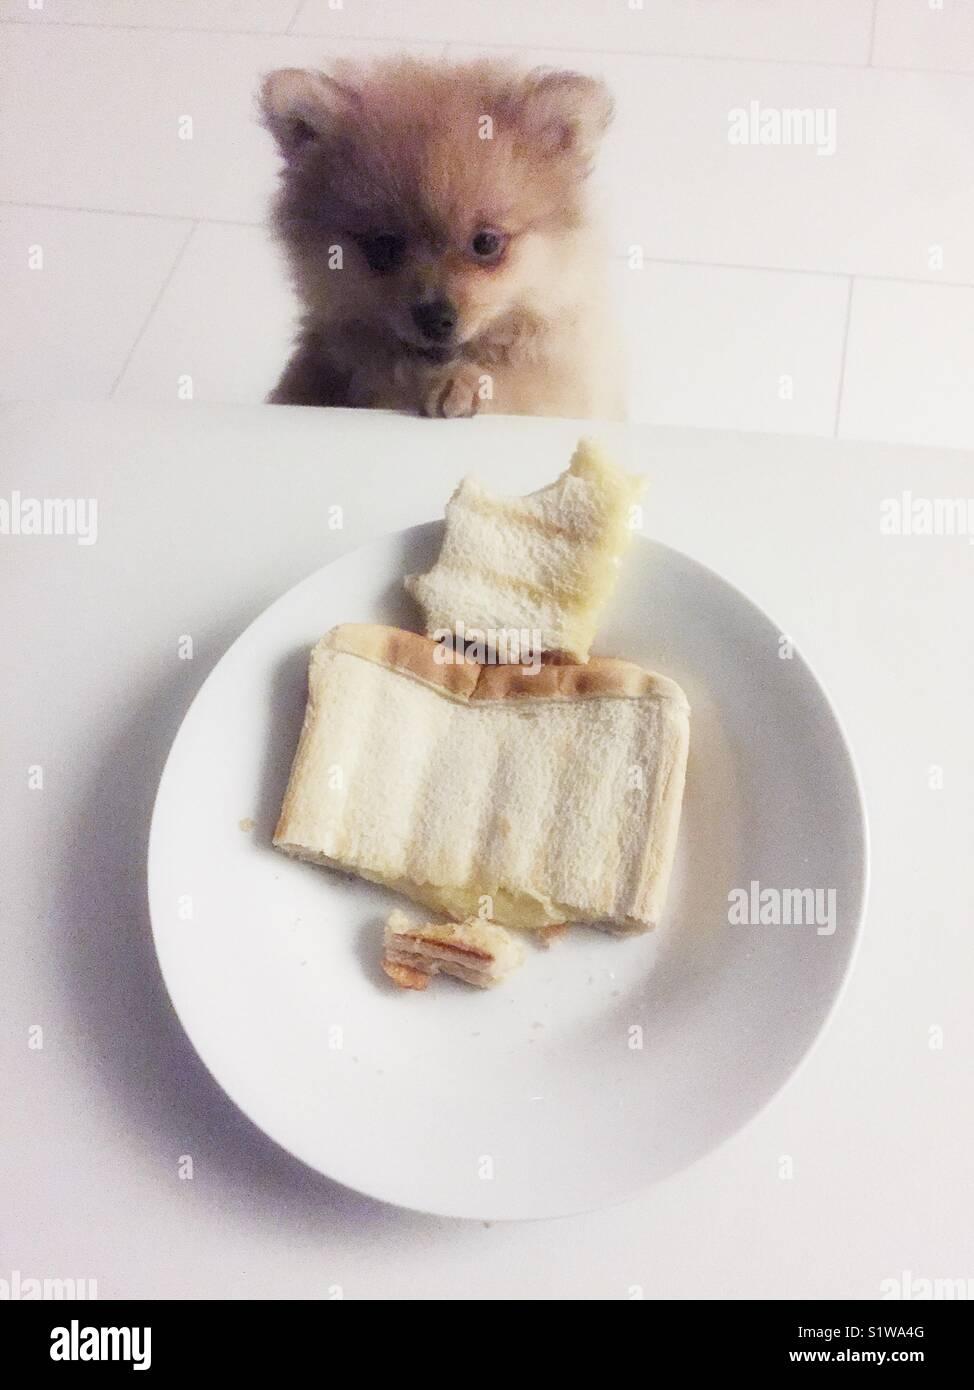 Cucciolo Pomaranion cercando in corrispondenza della piastra di sandwich toastie Immagini Stock